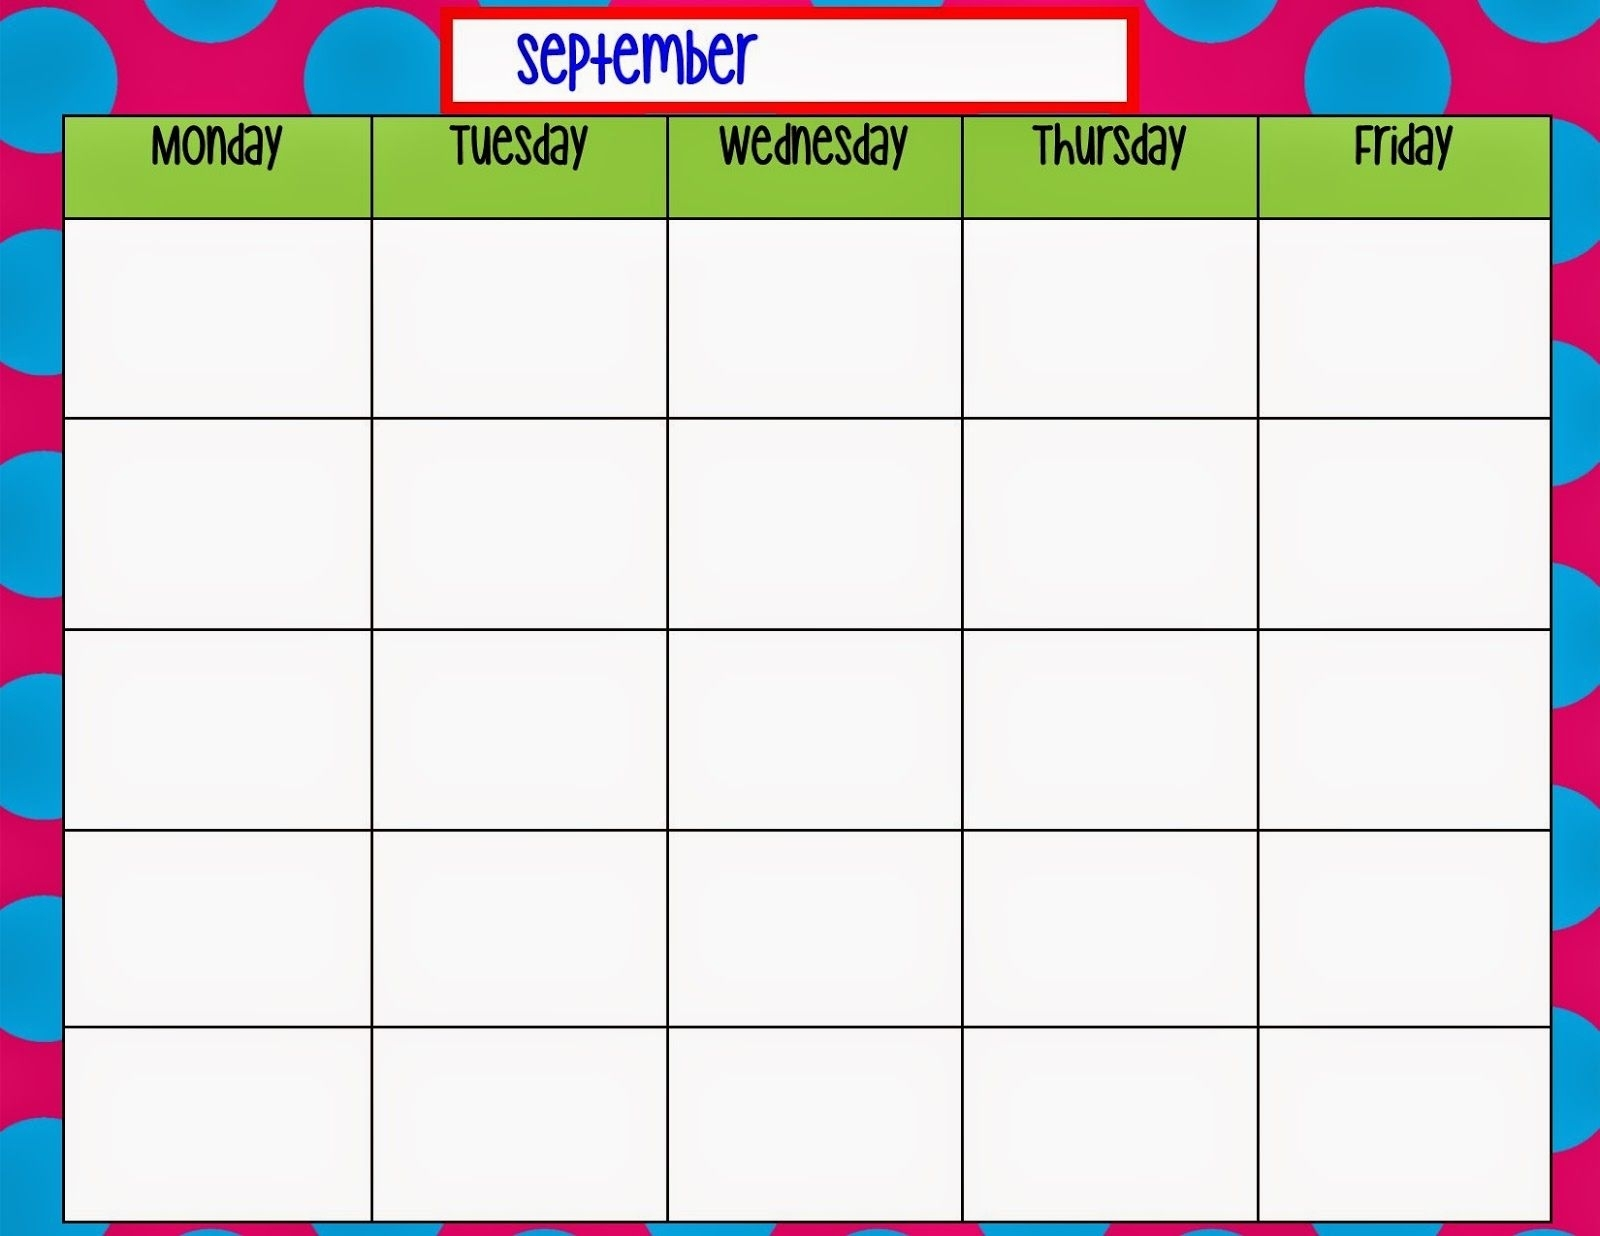 Monday Through Friday Calendar Template | Weekly Calendar